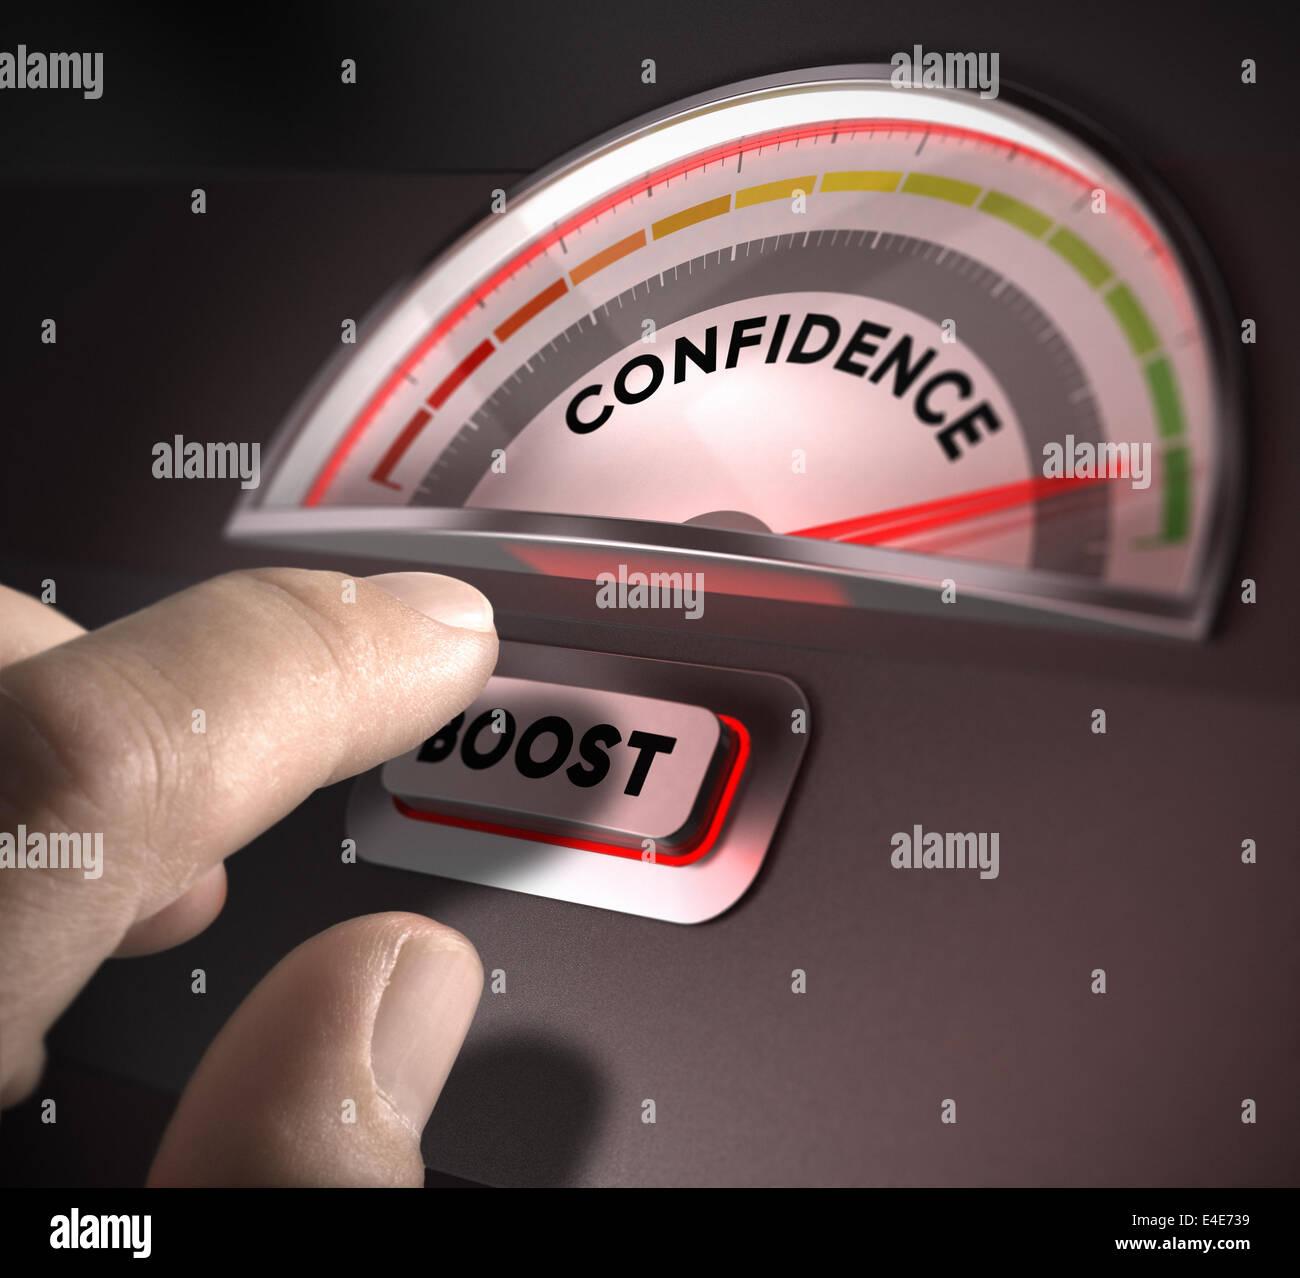 Indicatore di fiducia dial, indice e il pulsante boost su uno sfondo scuro. illustrazione di fiducia in sé Immagini Stock